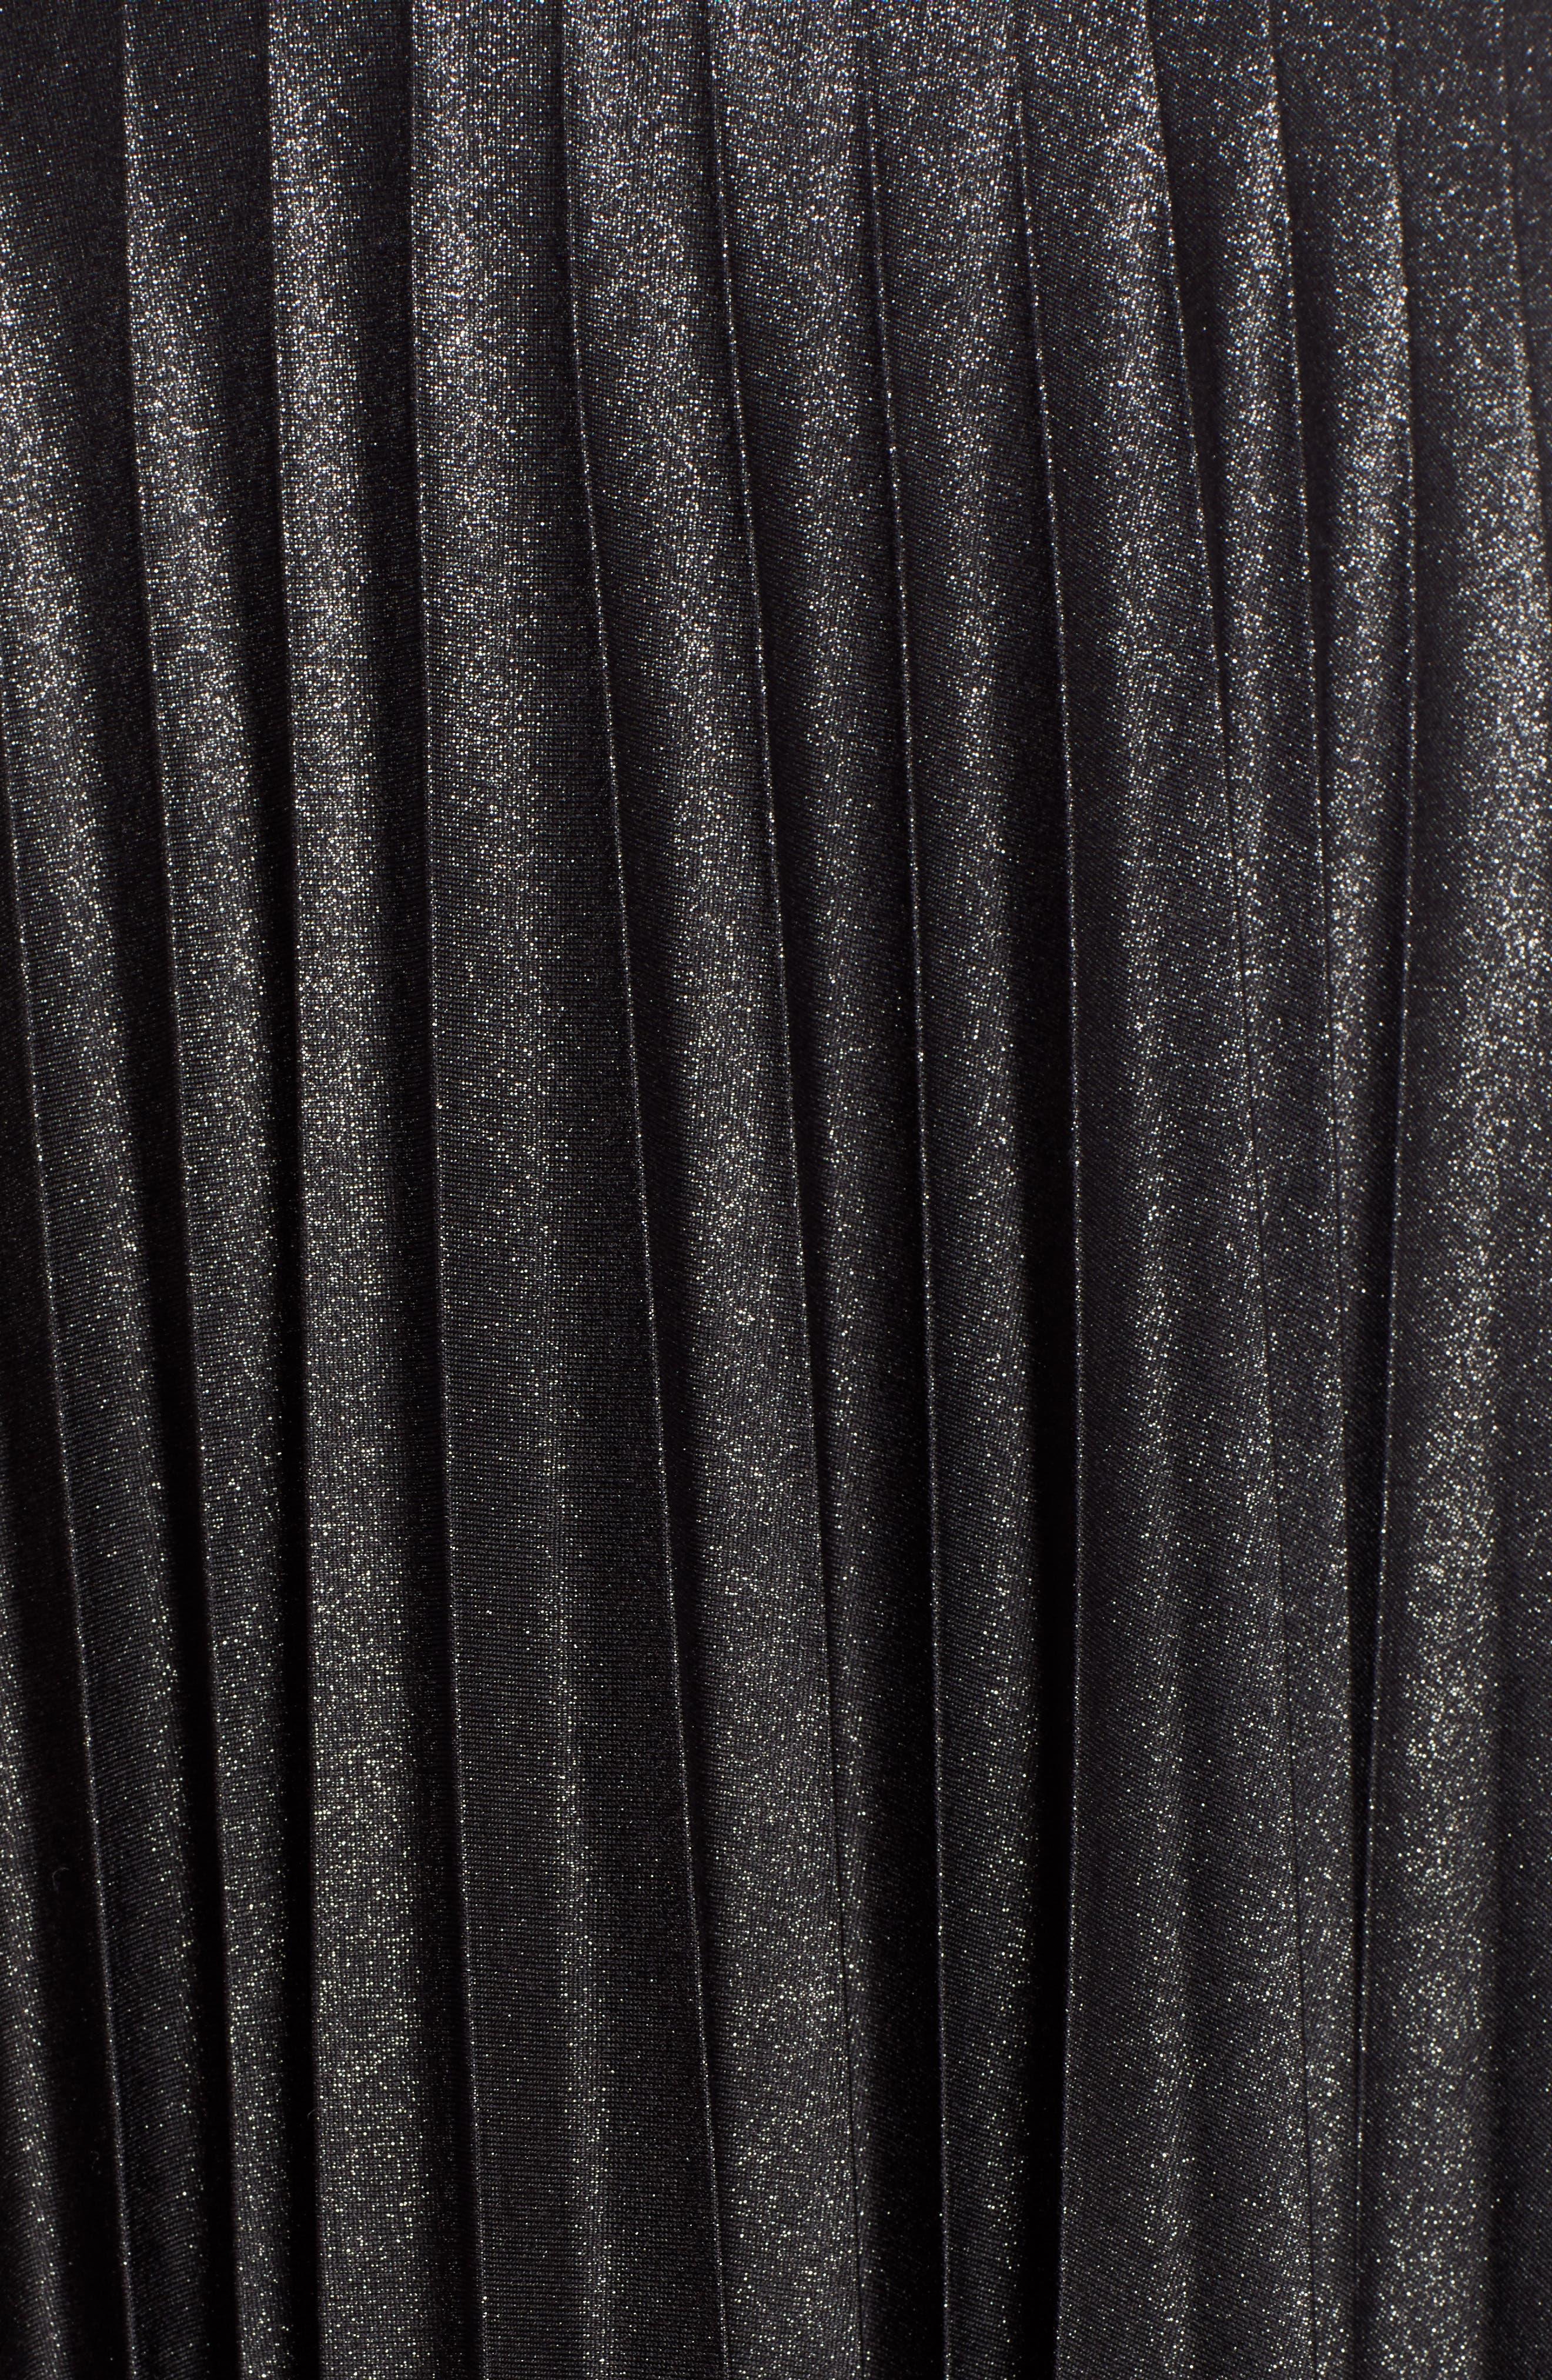 Metallic Pleat Midi Skirt,                             Alternate thumbnail 5, color,                             BLACK FOIL